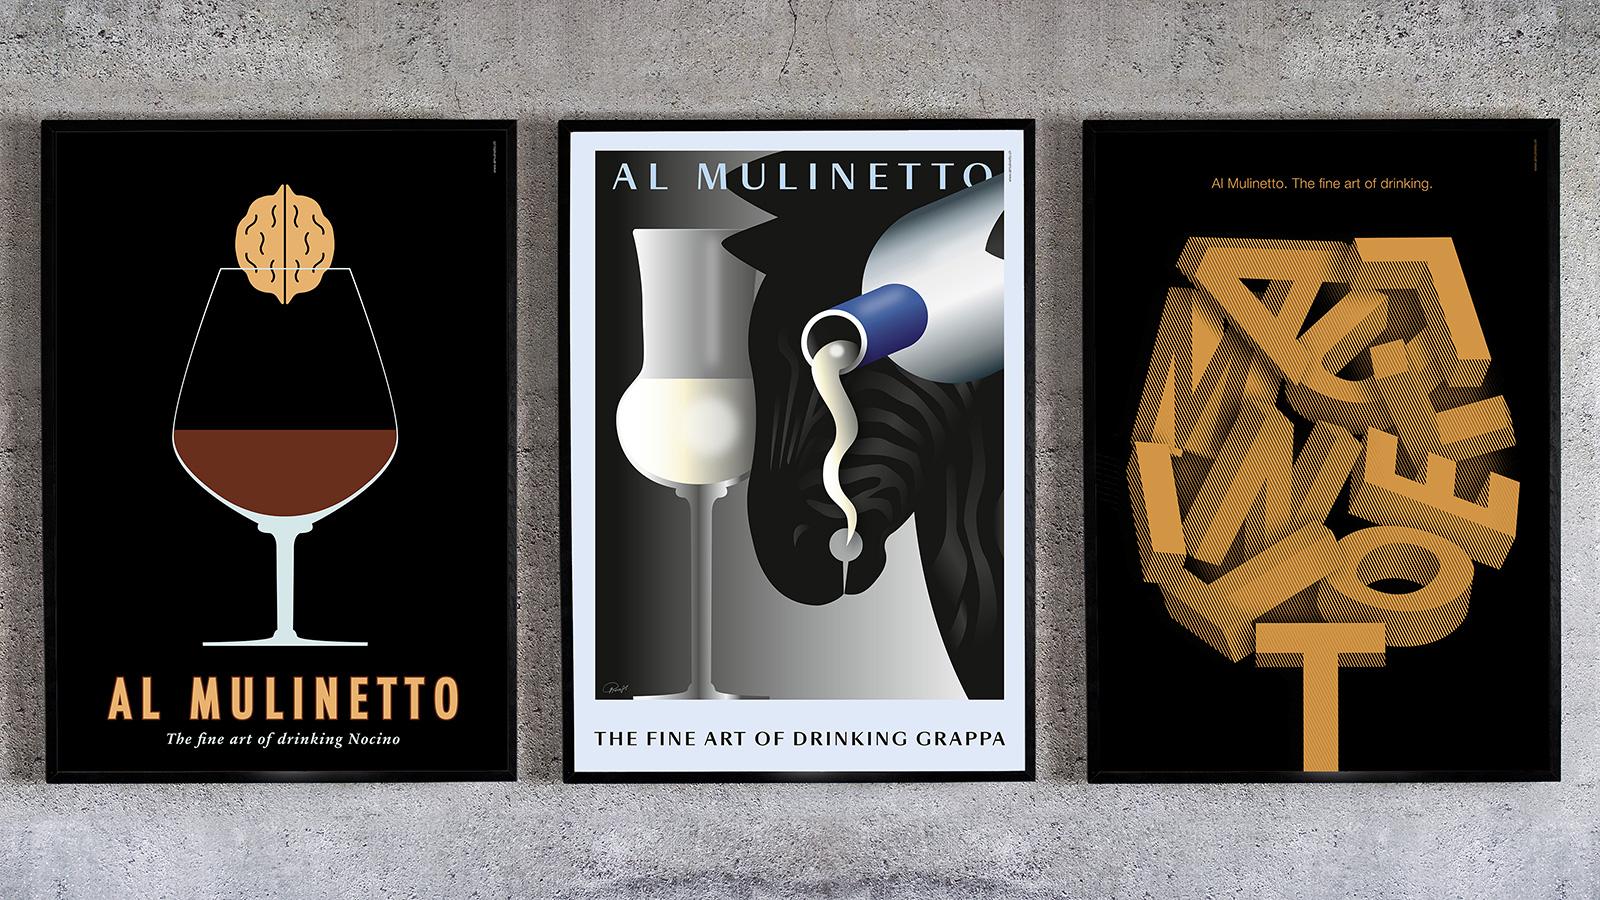 Al Mulinetto Plakate